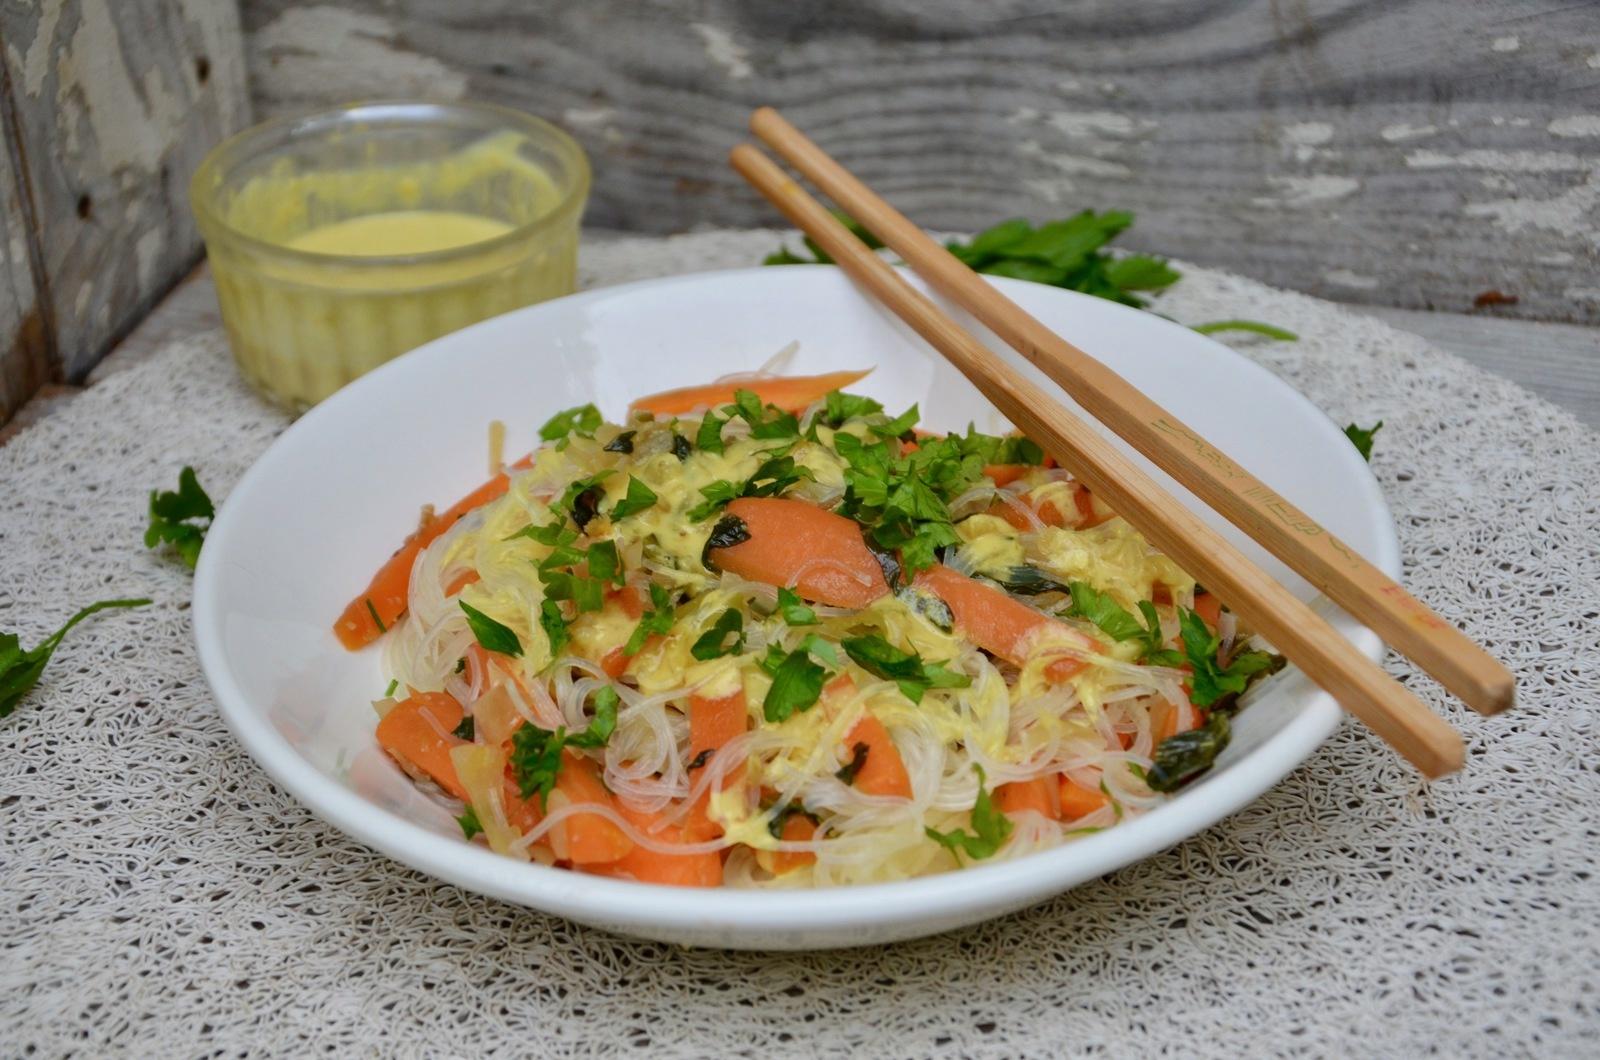 Salade de vermicelles au saté - La p'tite cuisine de Pauline